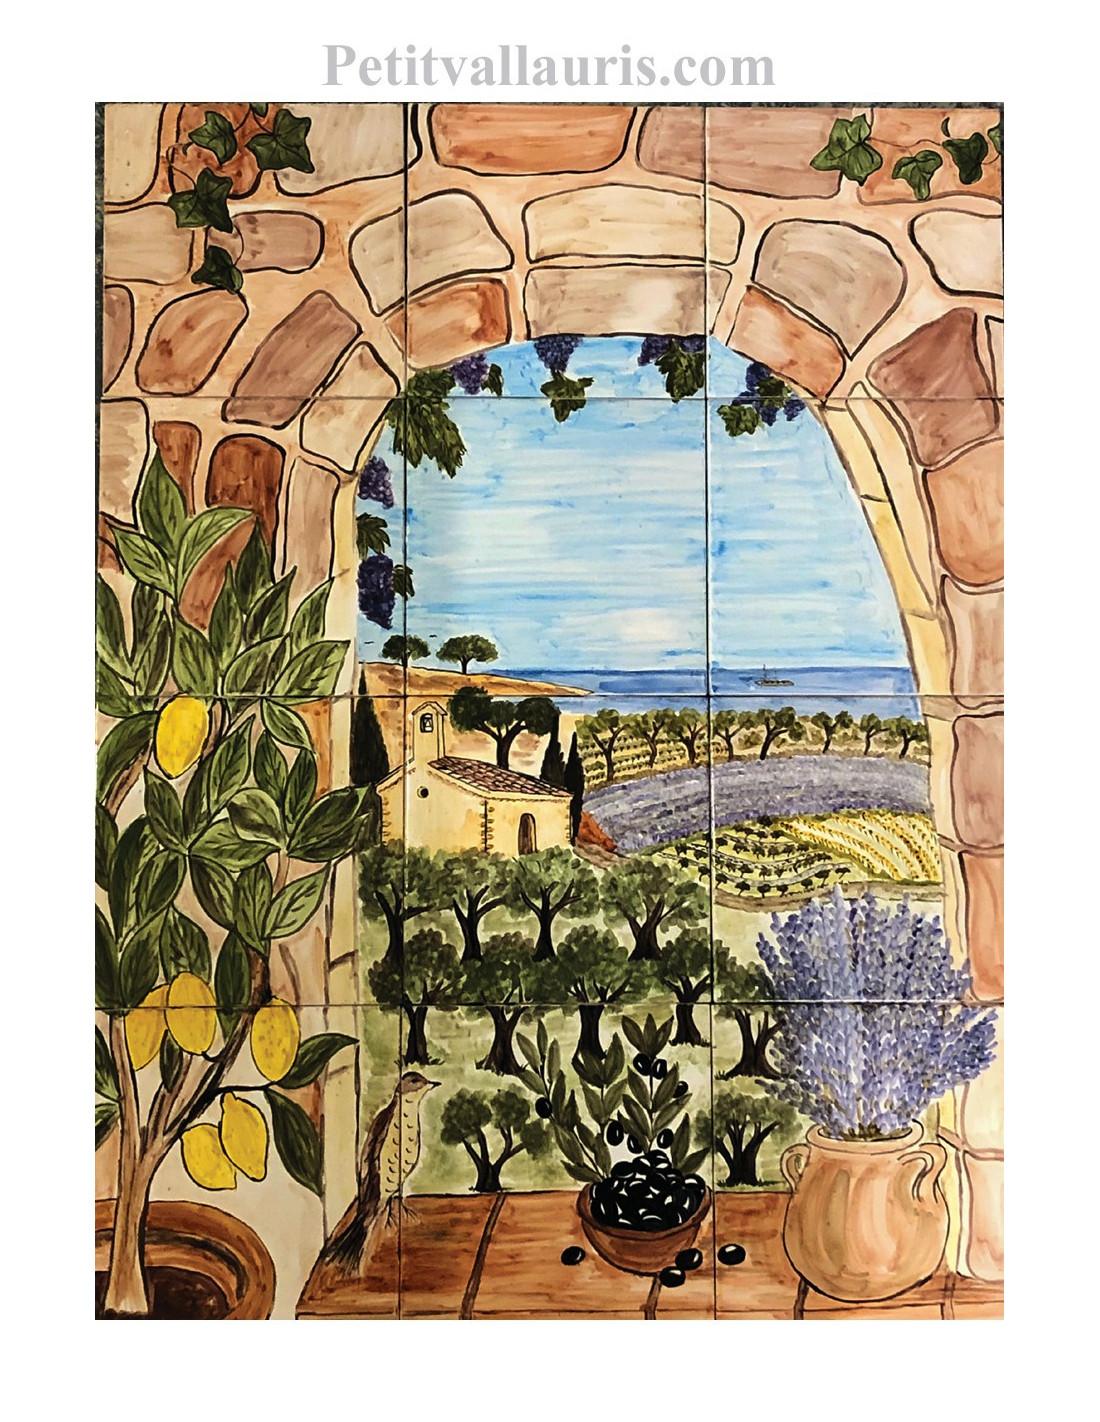 Fresque murale sur carrelage en faience motif artisanal trompe l'oeil paysage méditerranéen ...